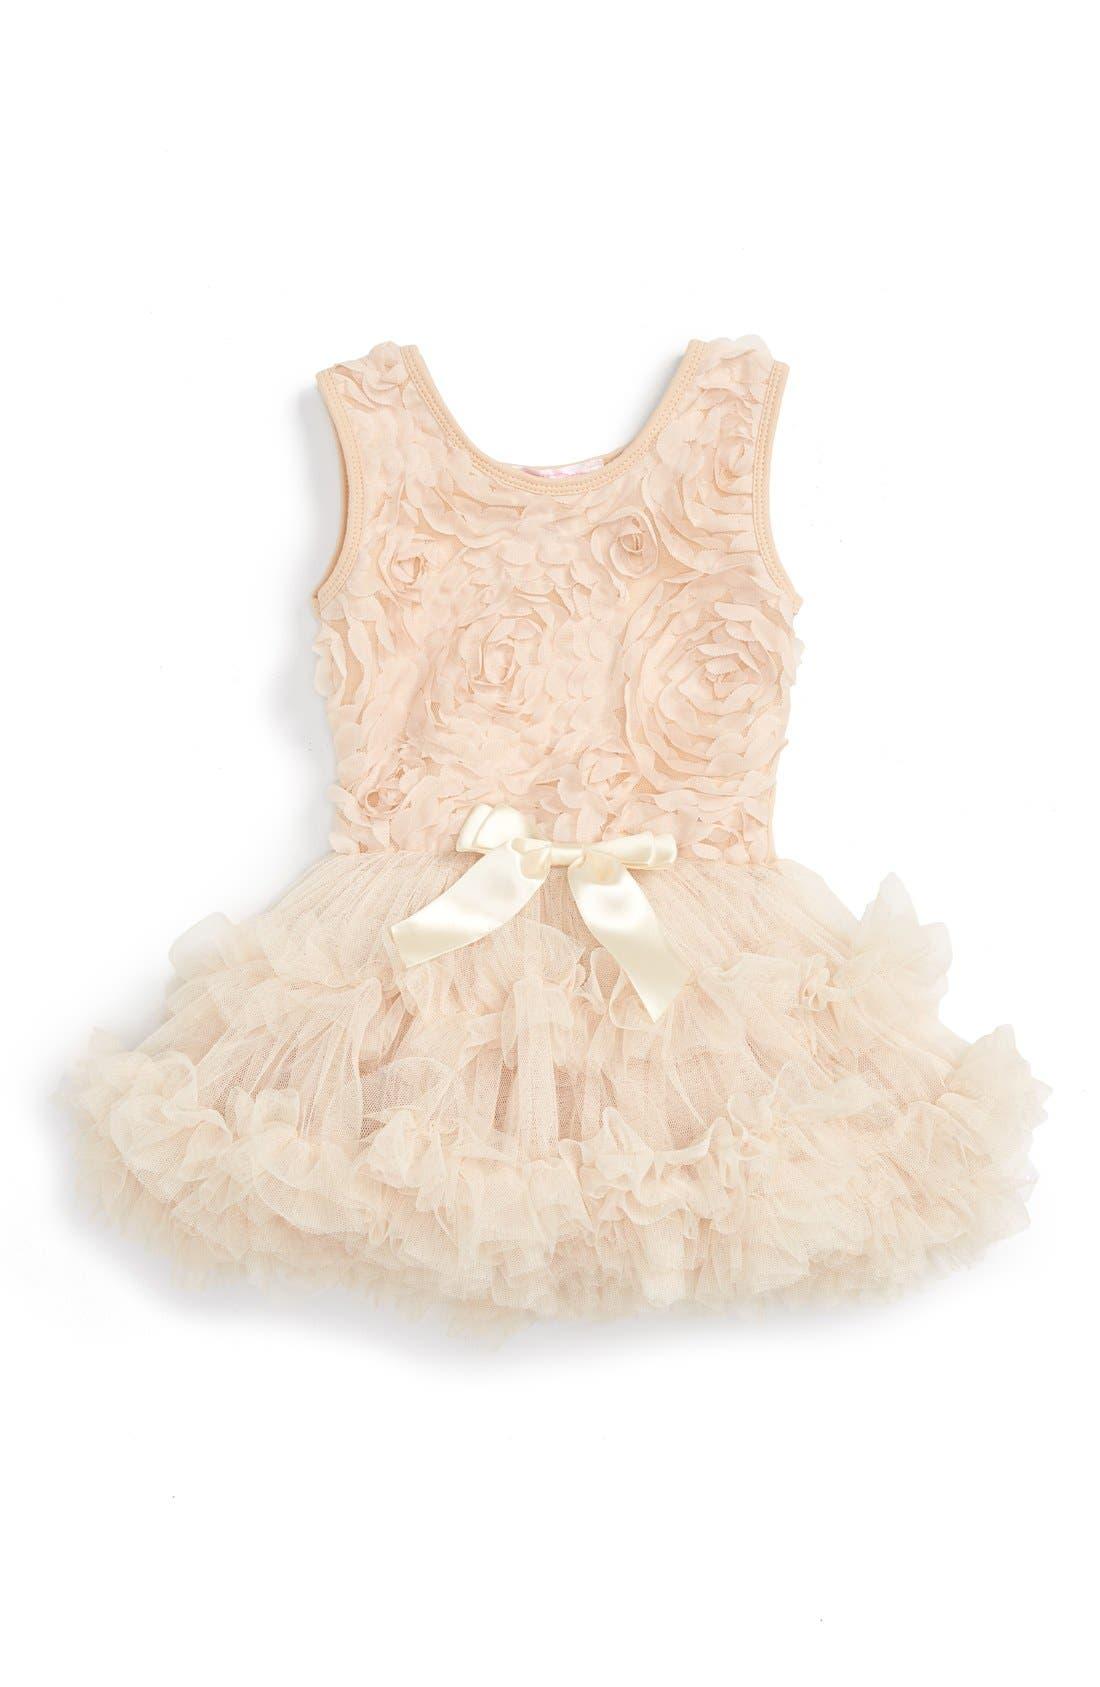 POPATU, Ribbon Rosette Tutu Dress, Main thumbnail 1, color, CHAMPAGNE